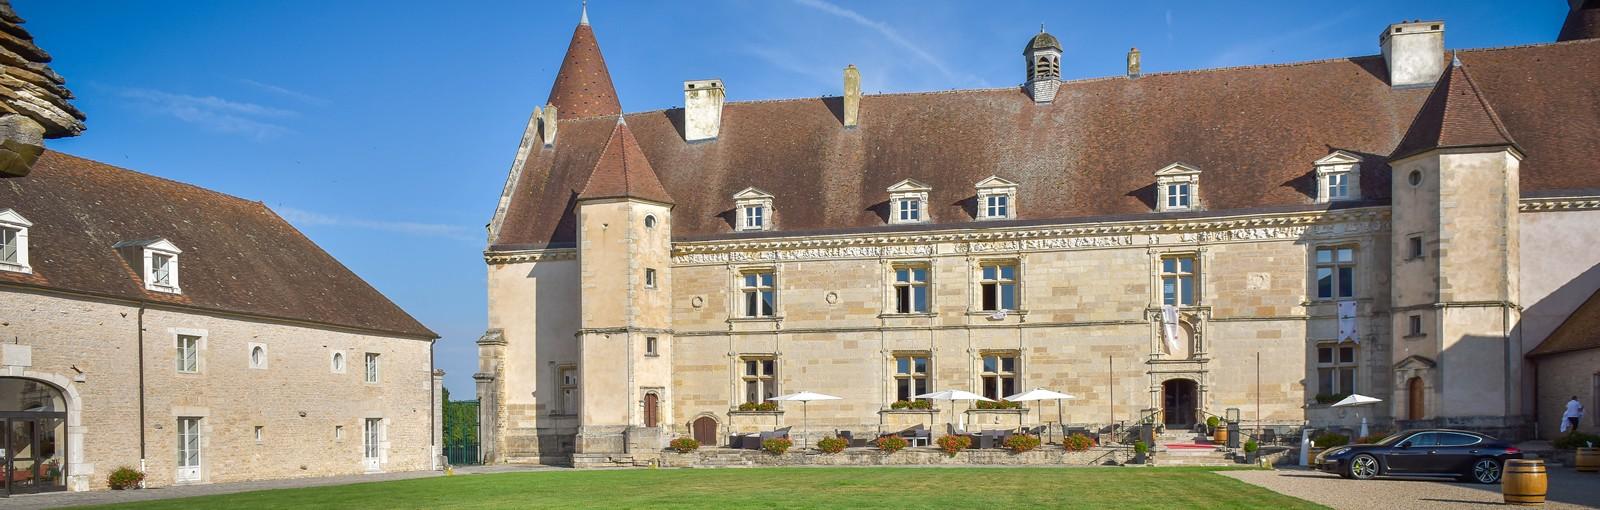 Tours ESCAPADE EN BOURGOGNE : DIJON ET LA ROUTE DES GRANDS CRUS - Bourgogne & Champagne - Nos Escapades Partagées